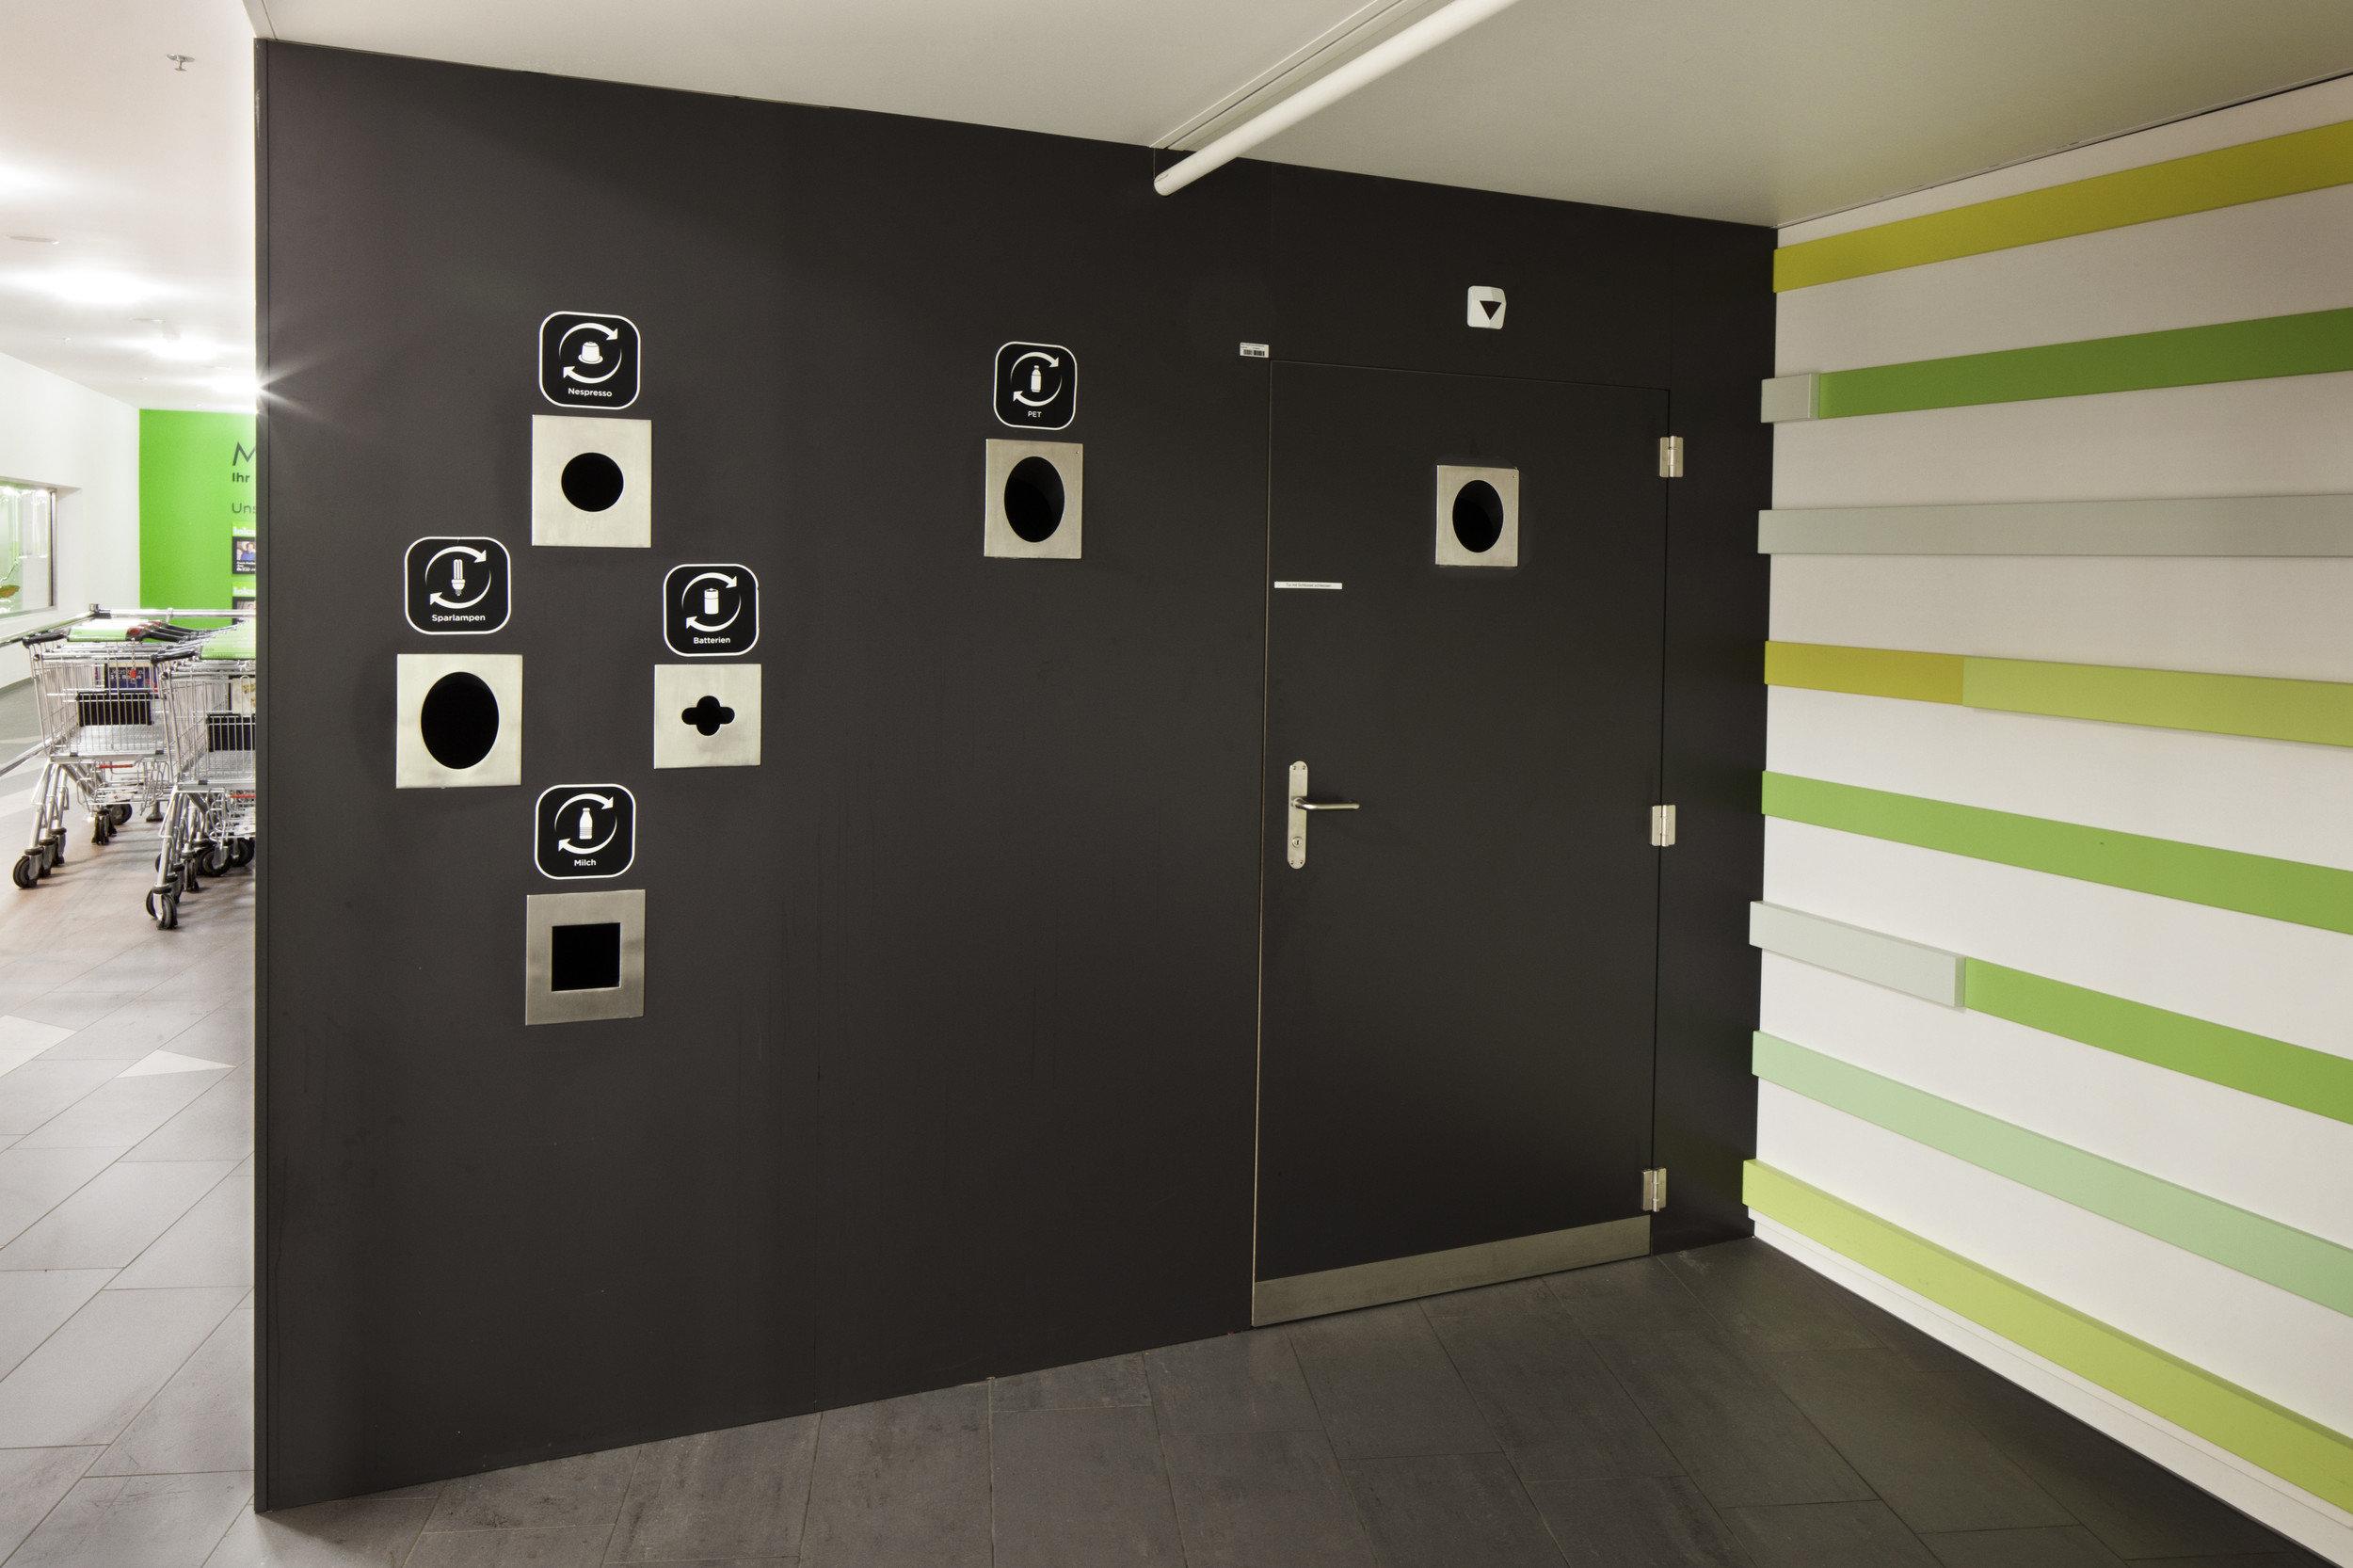 Schwarze Wand mit versteckt wirkender integrierter Brandschutztür